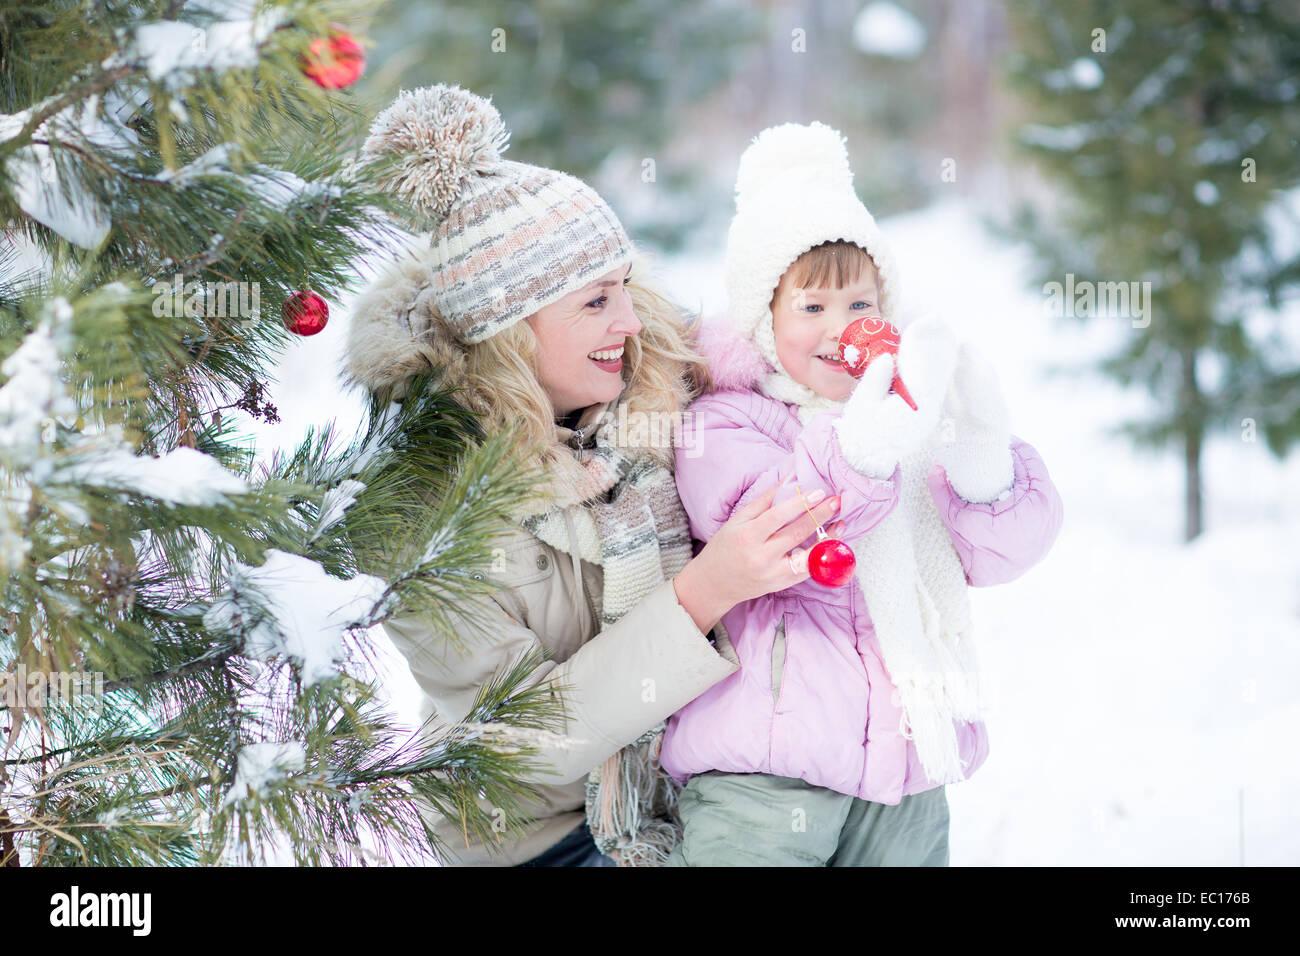 Heureux parent et enfant jouant avec des décorations de noël piscine Photo Stock